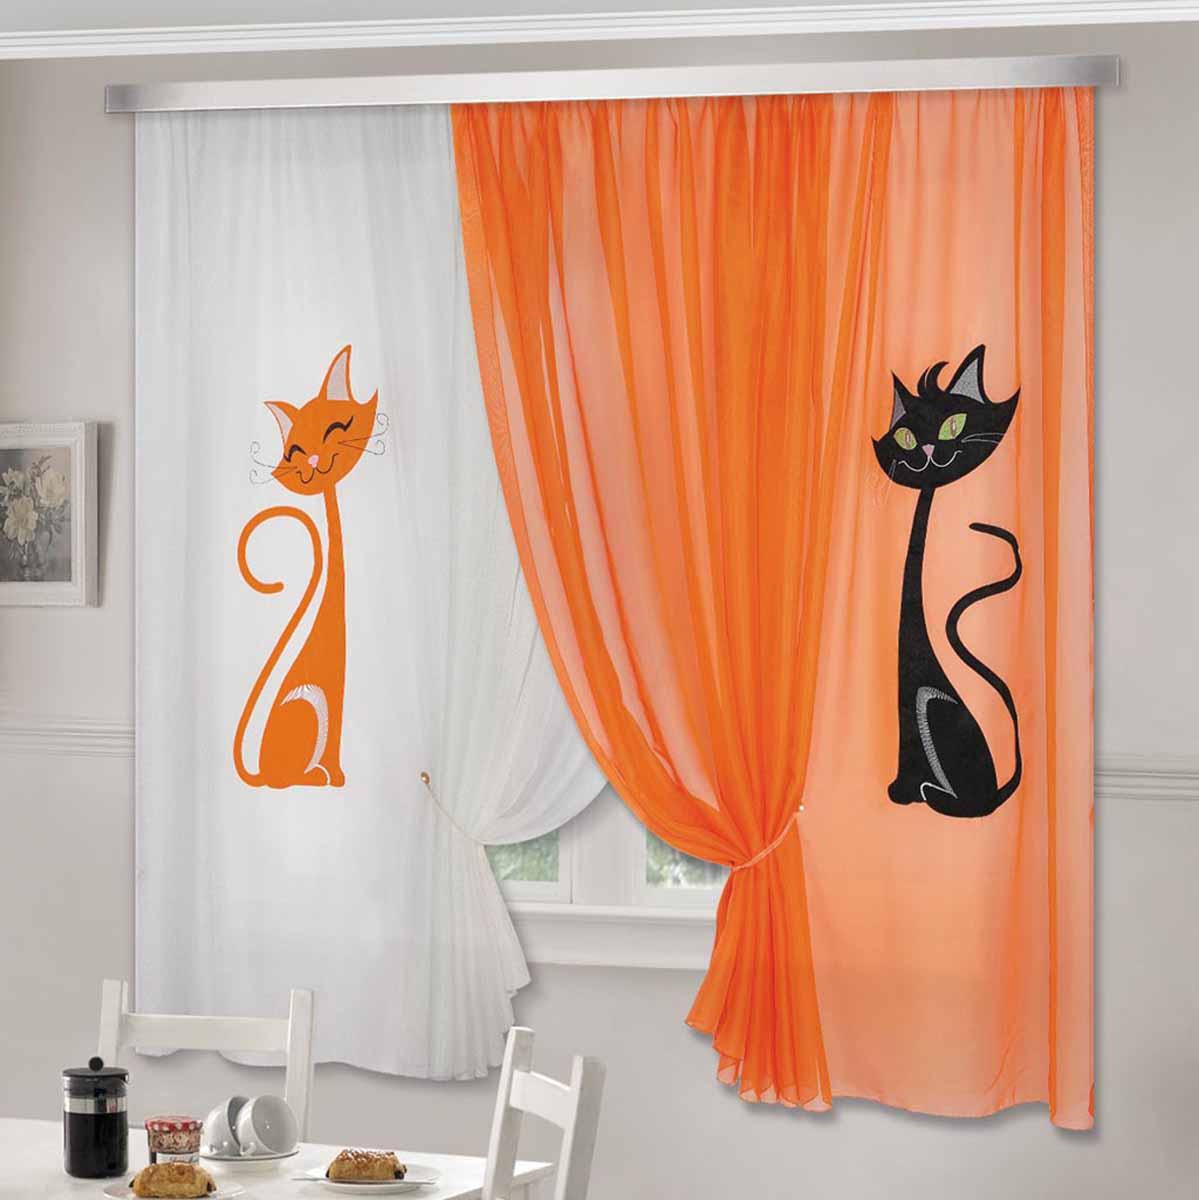 Комплект штор ТД Текстиль Кэти, на ленте, цвет: оранжевый, белый, высота 180 см705497Комплект штор Кэти изготовлен из вуалевого полотна с аппликацией в виде кошек. Шторы крепятся на карниз при помощи ленты, которая поможет красиво и равномерно задрапировать верх.